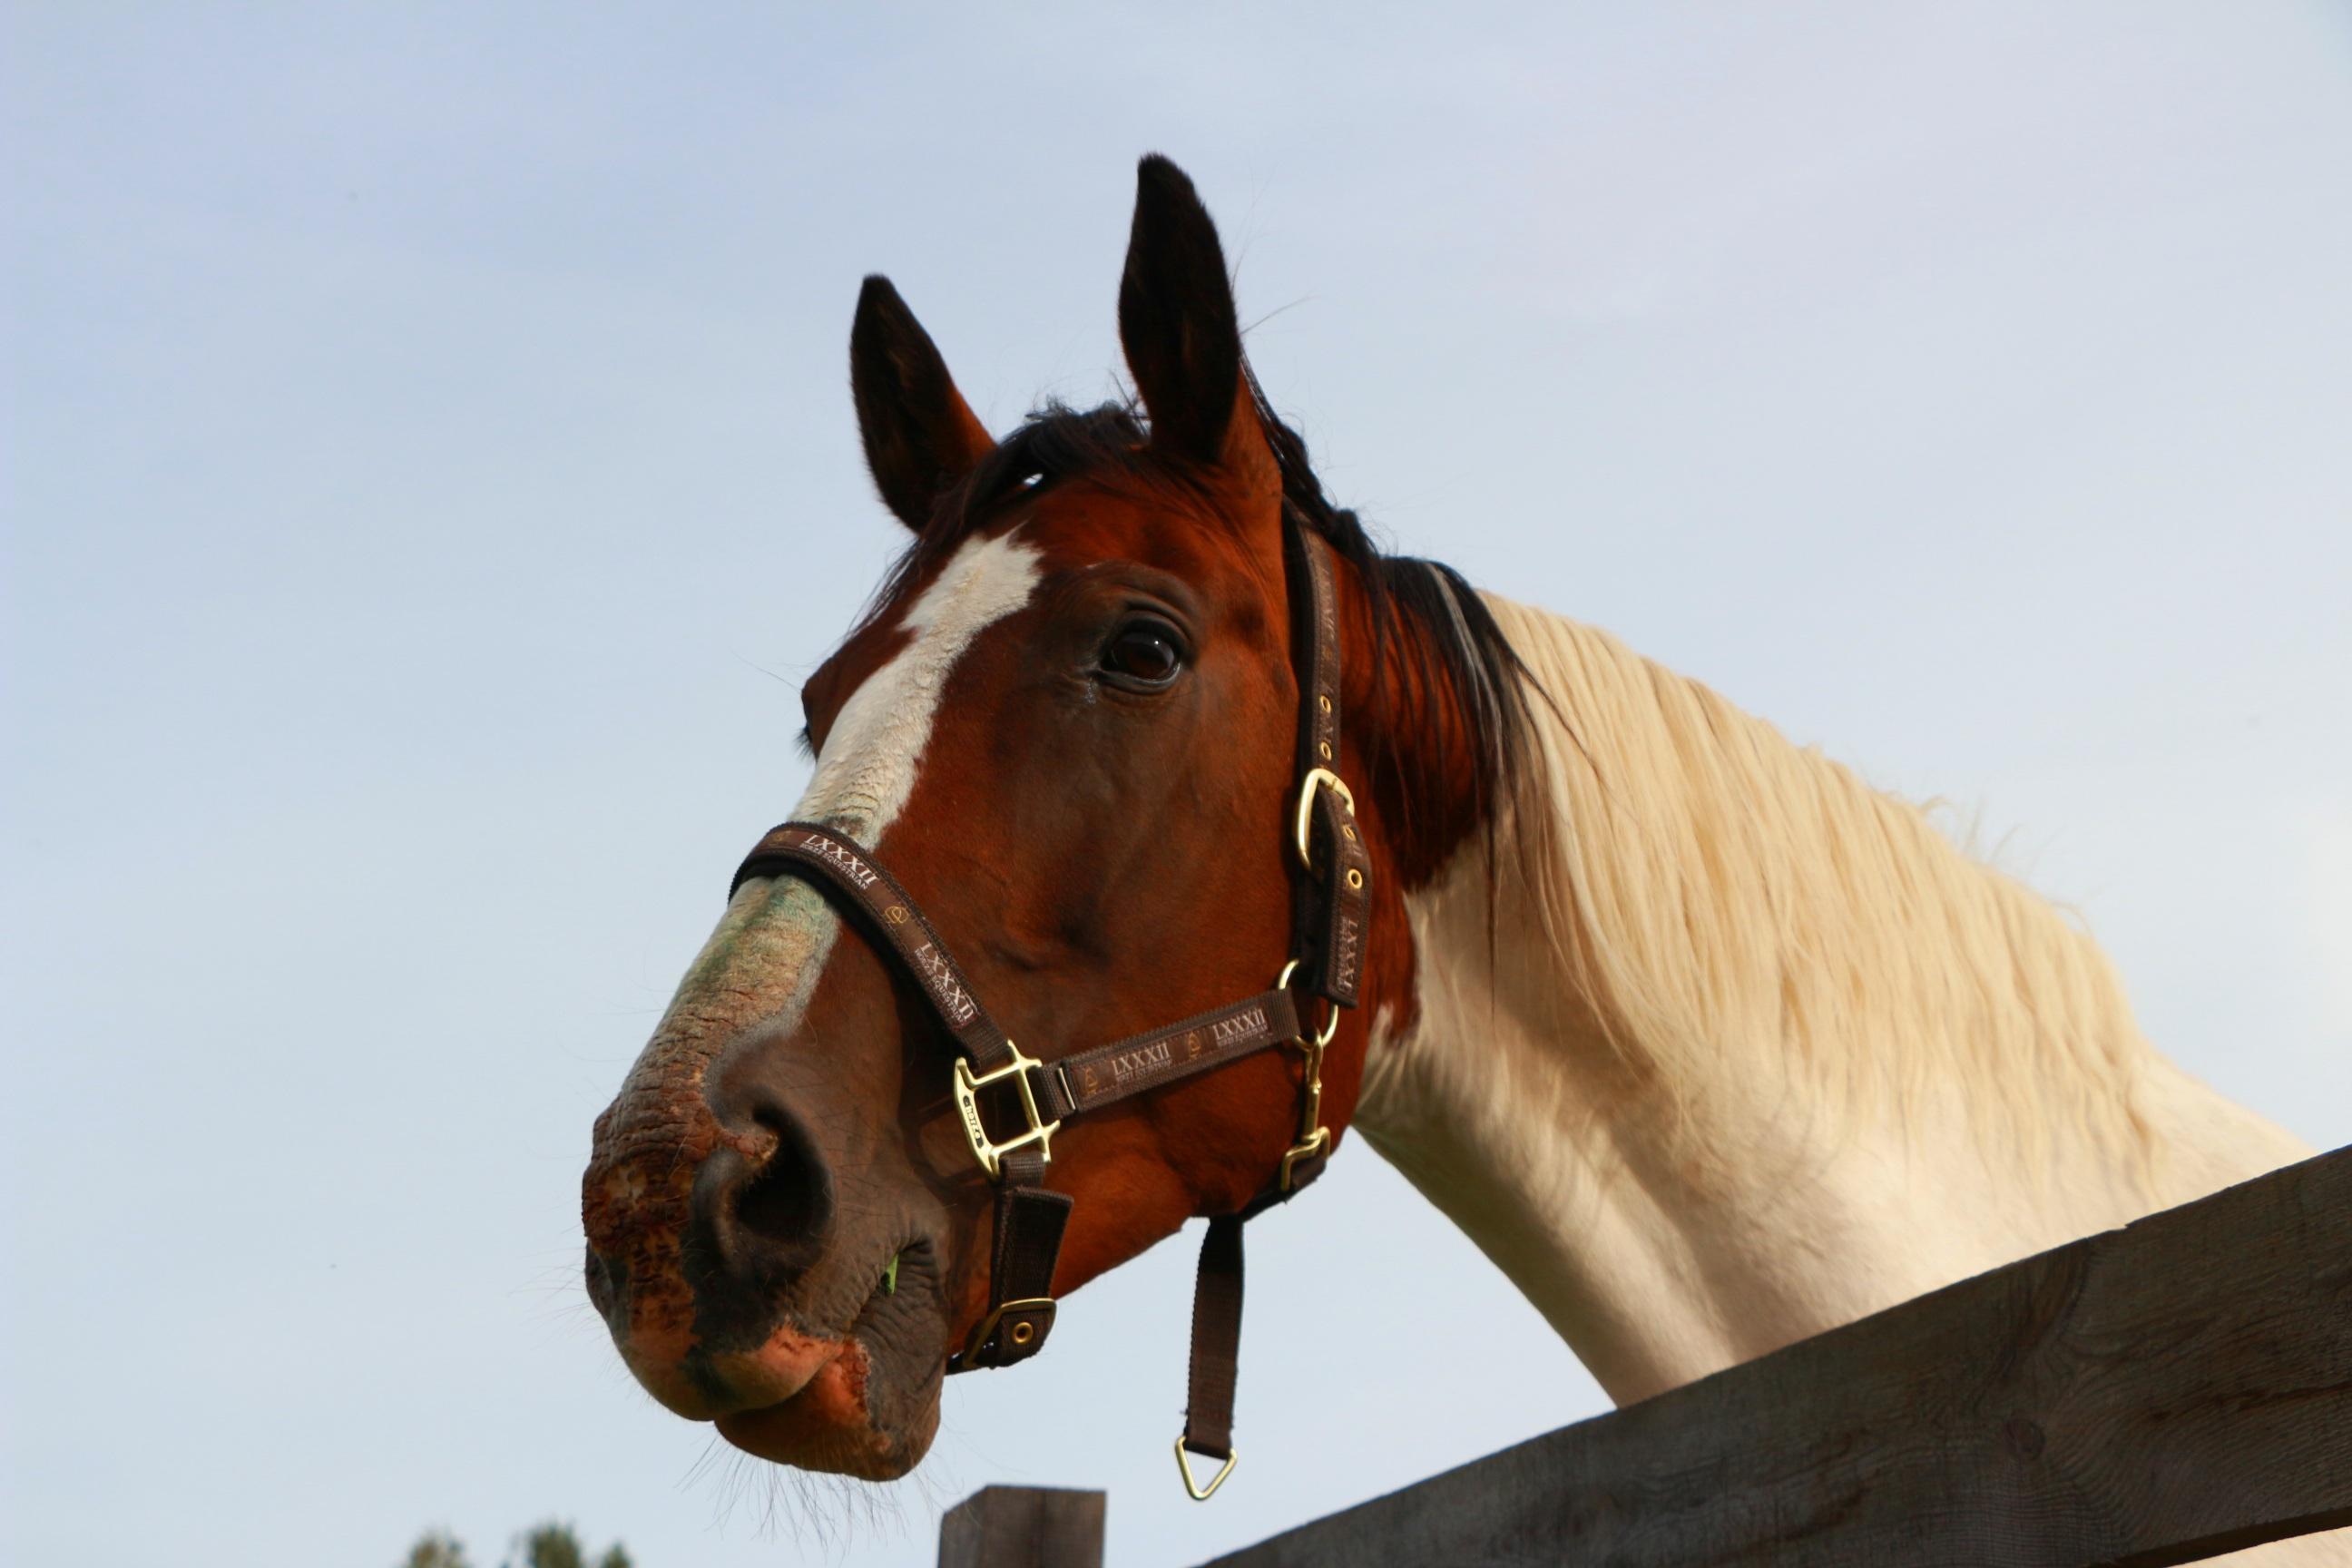 Ilmaisia Kuvia : muotokuva, ohjat, ori, harja, suitset, tamma, hevosen pään, riimu, ruskea ja ...